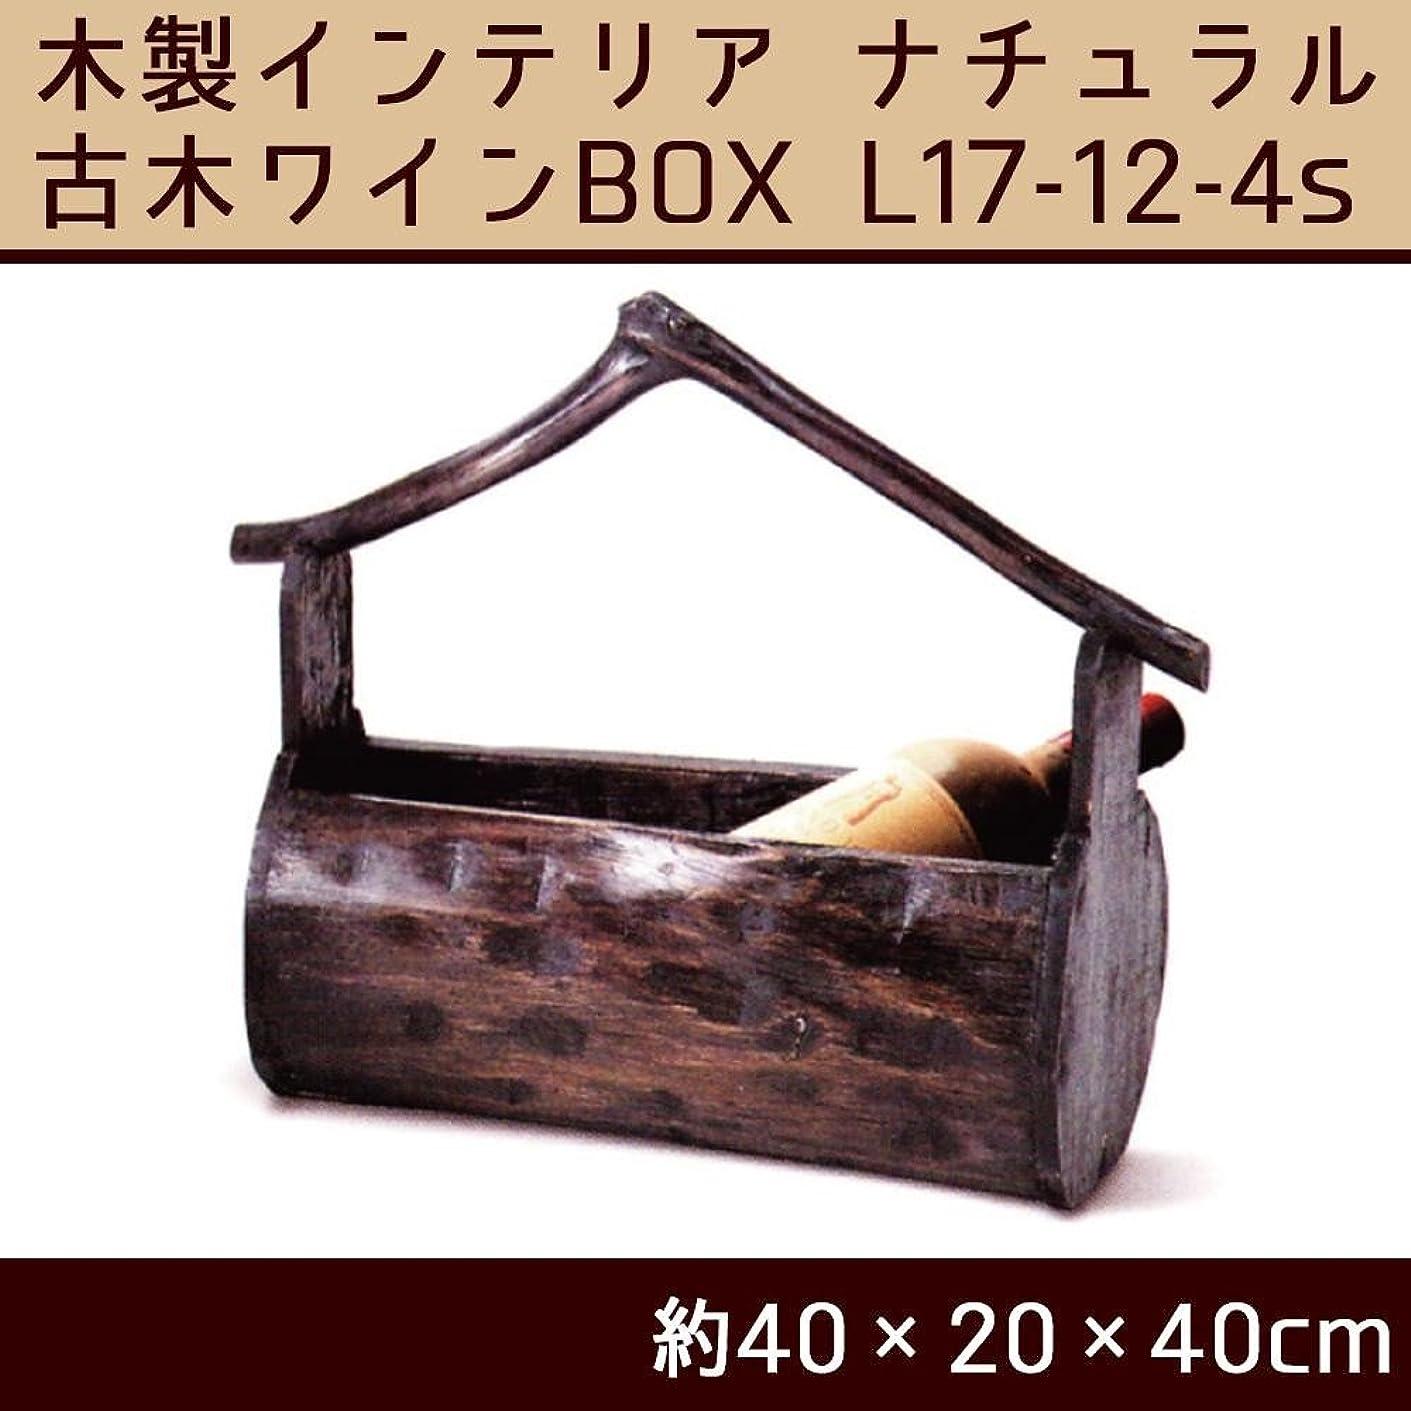 罰食事乳剤かのりゅう 木製インテリア ナチュラル 古木ワインBOX L17-12-4s